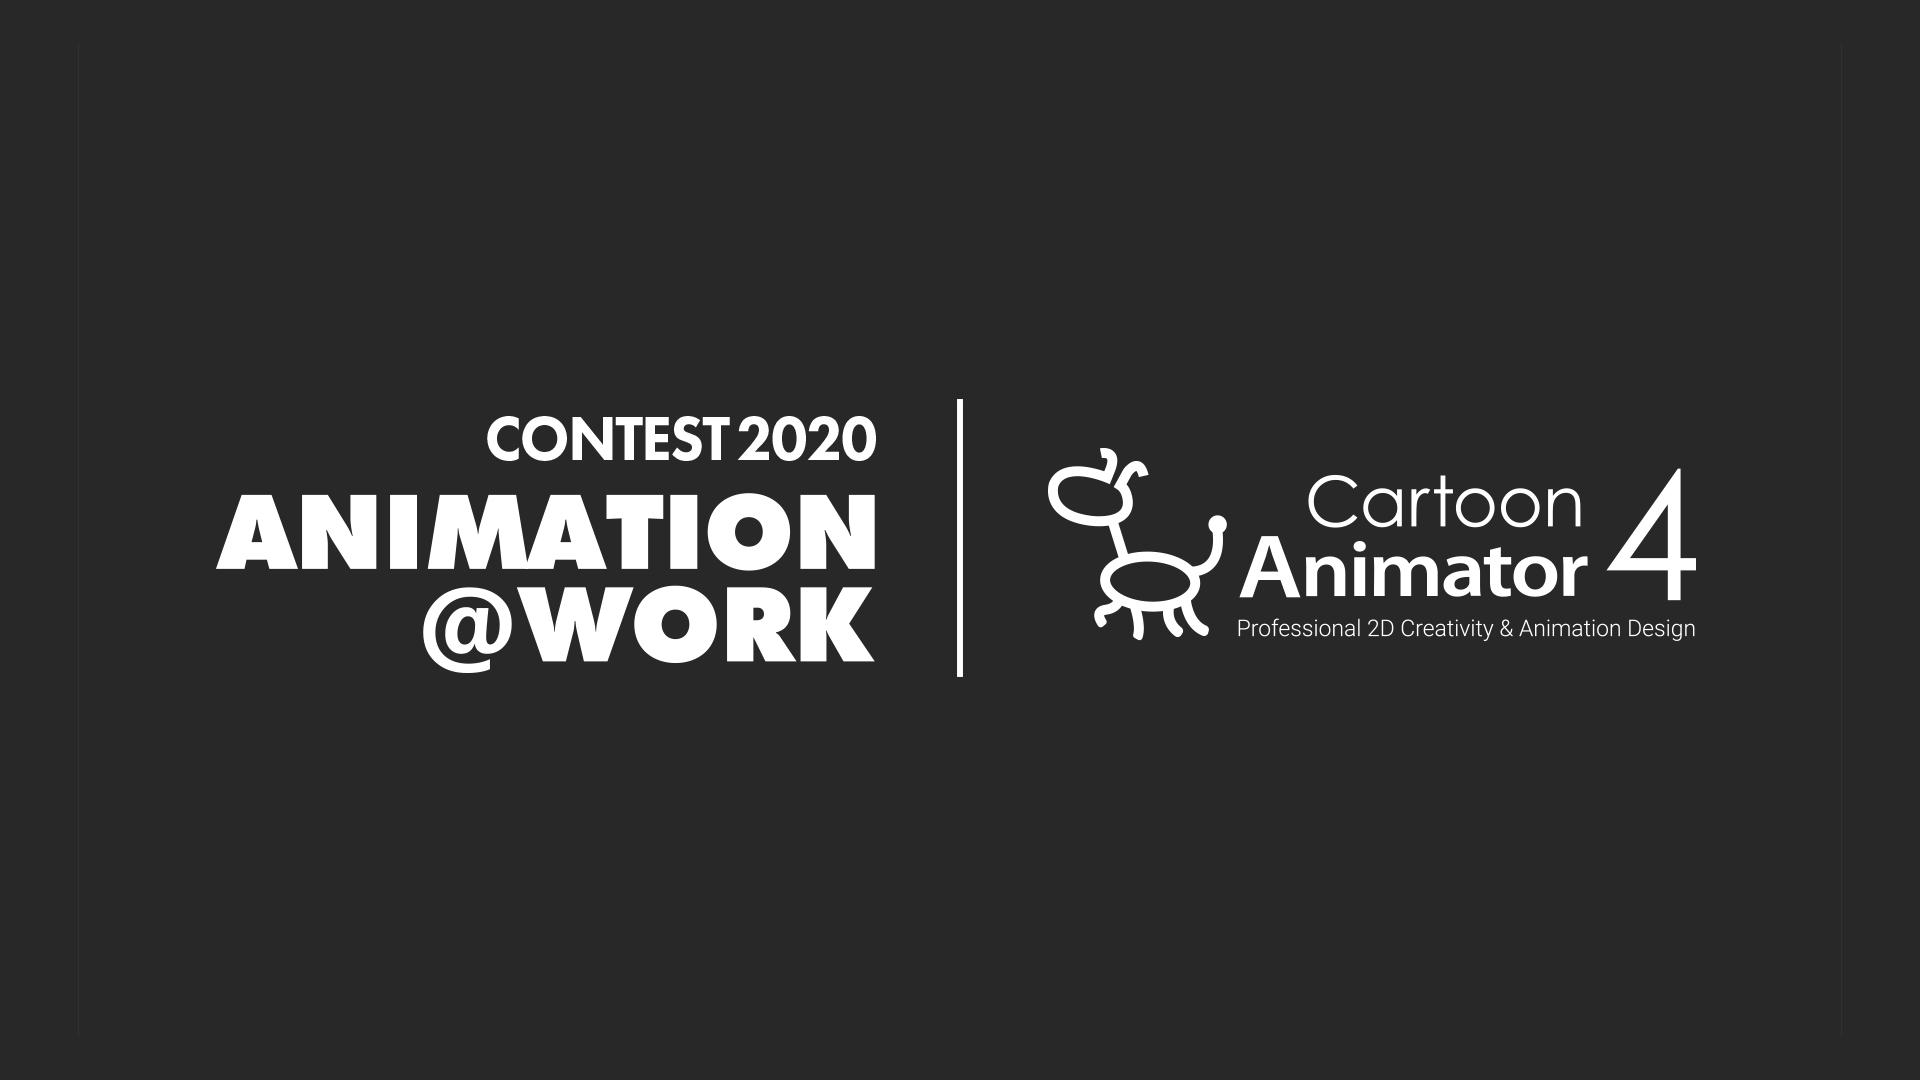 Cuộc thi làm phim hoạt hình Cartoon Animator CONTEST 2020 đã chính thức khởi động